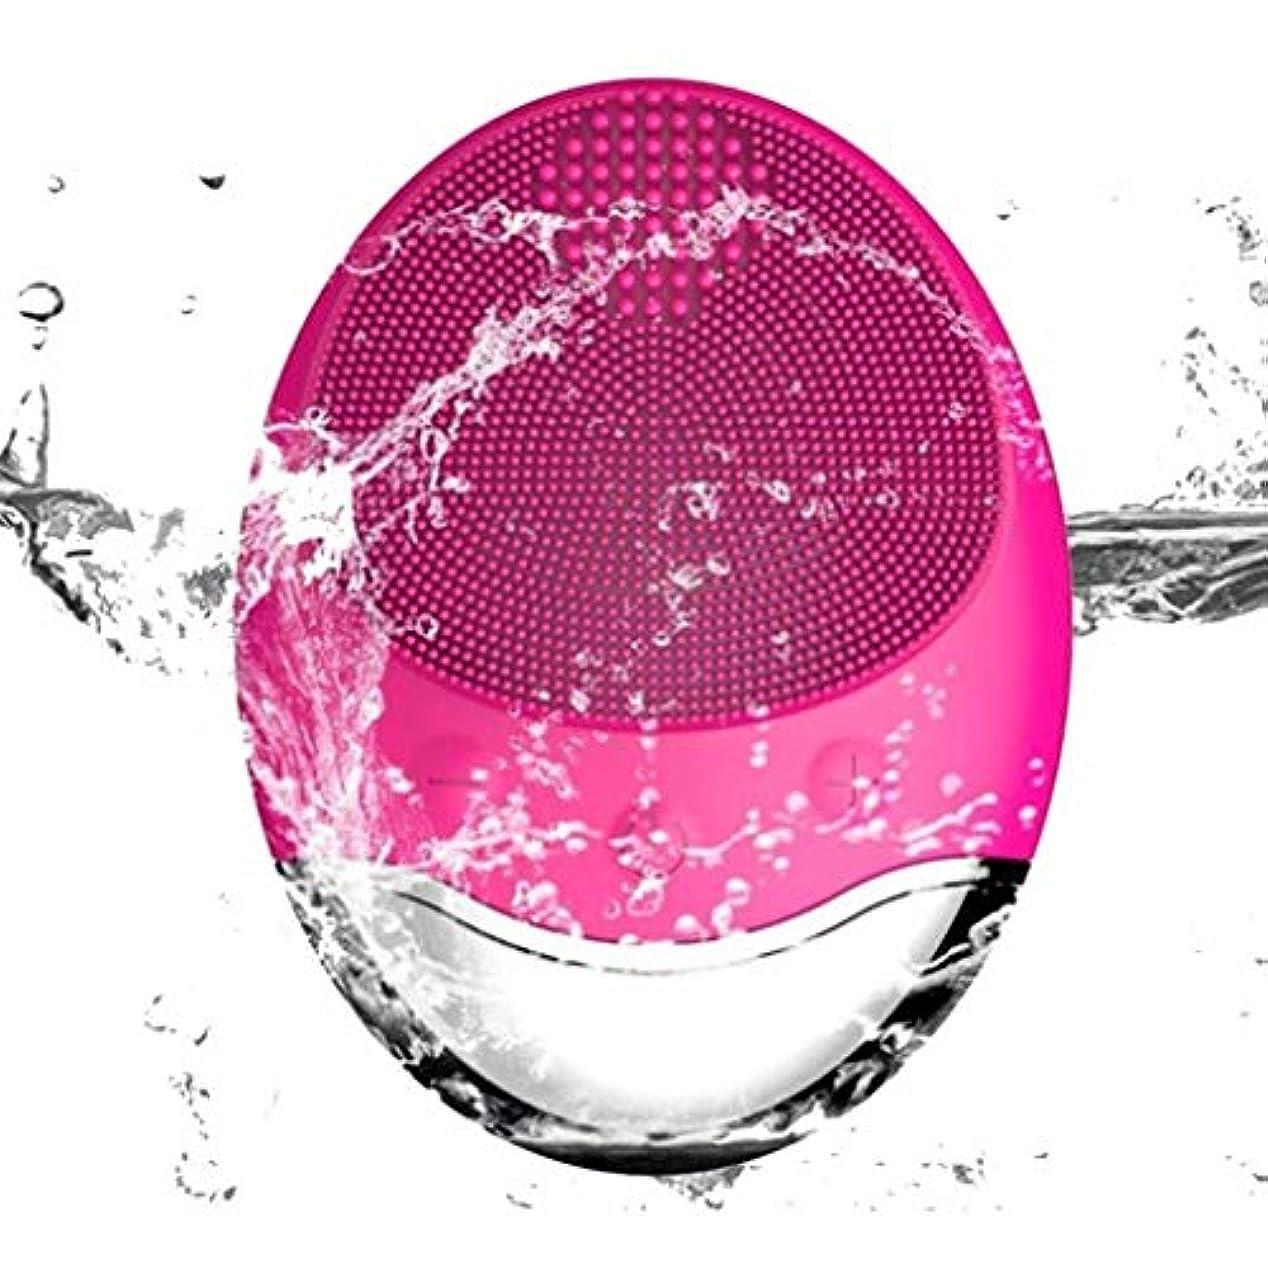 ベンチ遺跡テザークレンジング器具、電気シリコーンクレンジングブラシ、竹炭音波フェイシャルマッサージワイヤレス充電式毛穴クリーナー、ディープクレンジング、穏やかな角質除去 (Color : Red)